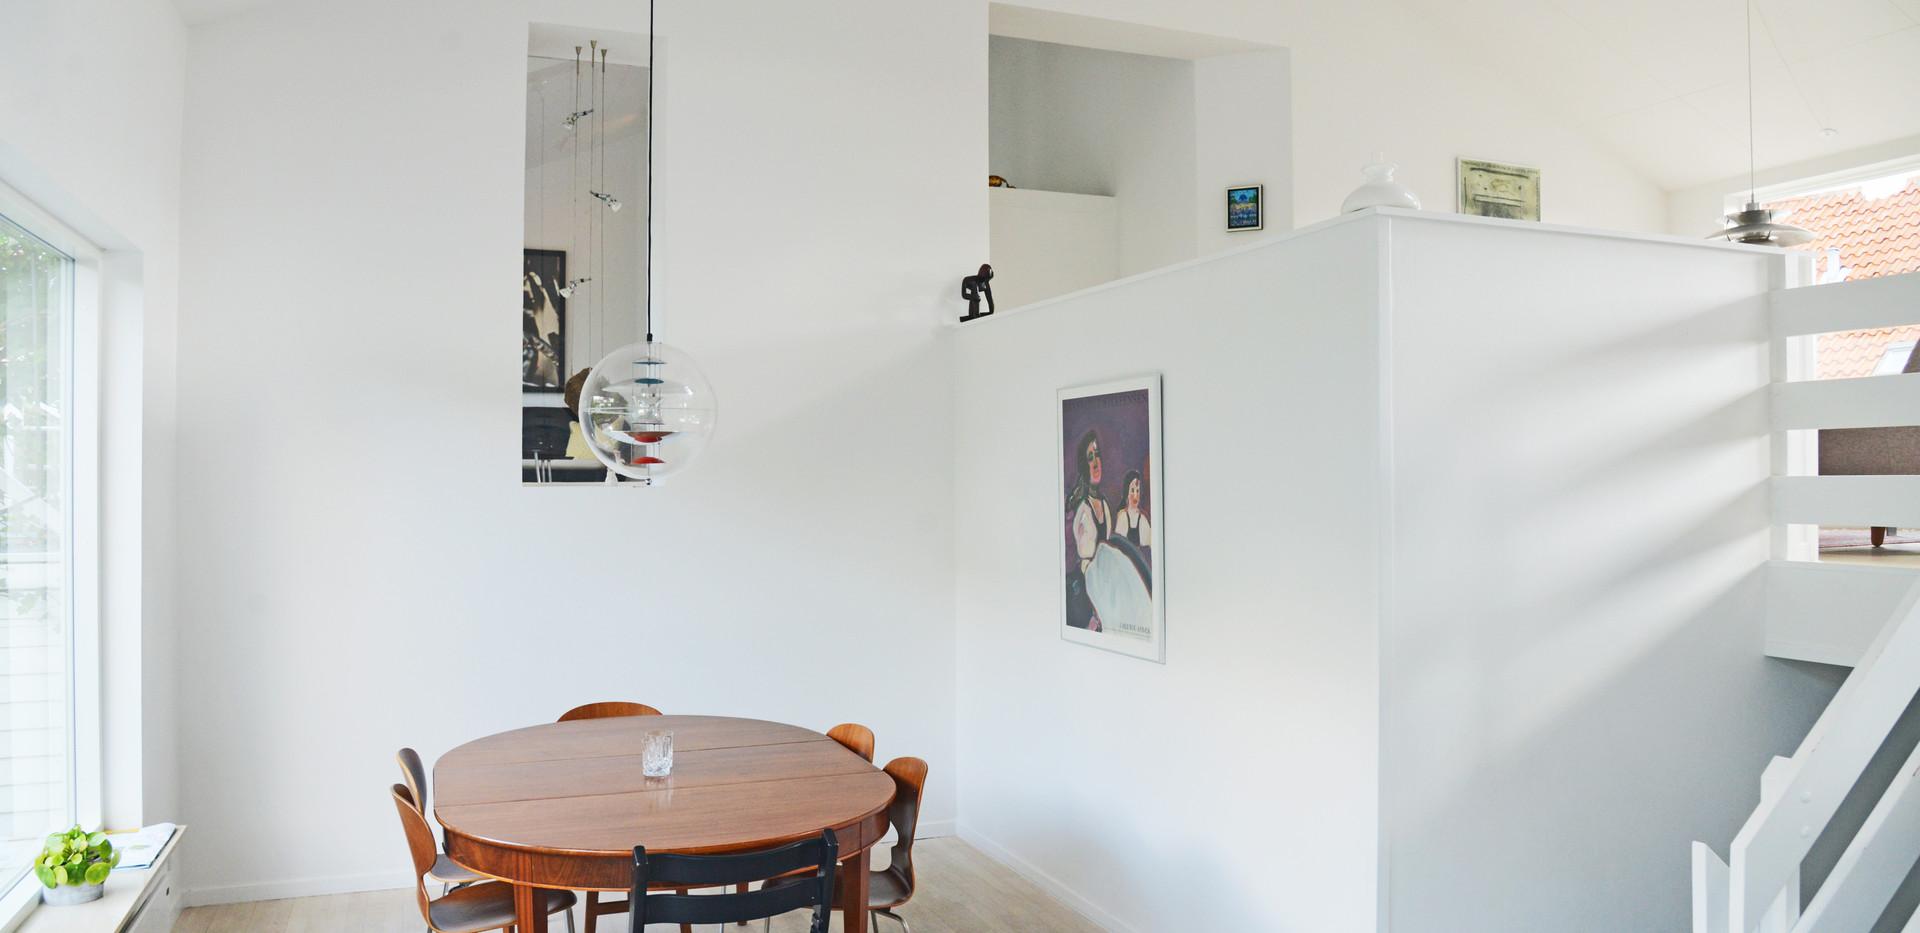 Heldækkende akustikloft i privathjem